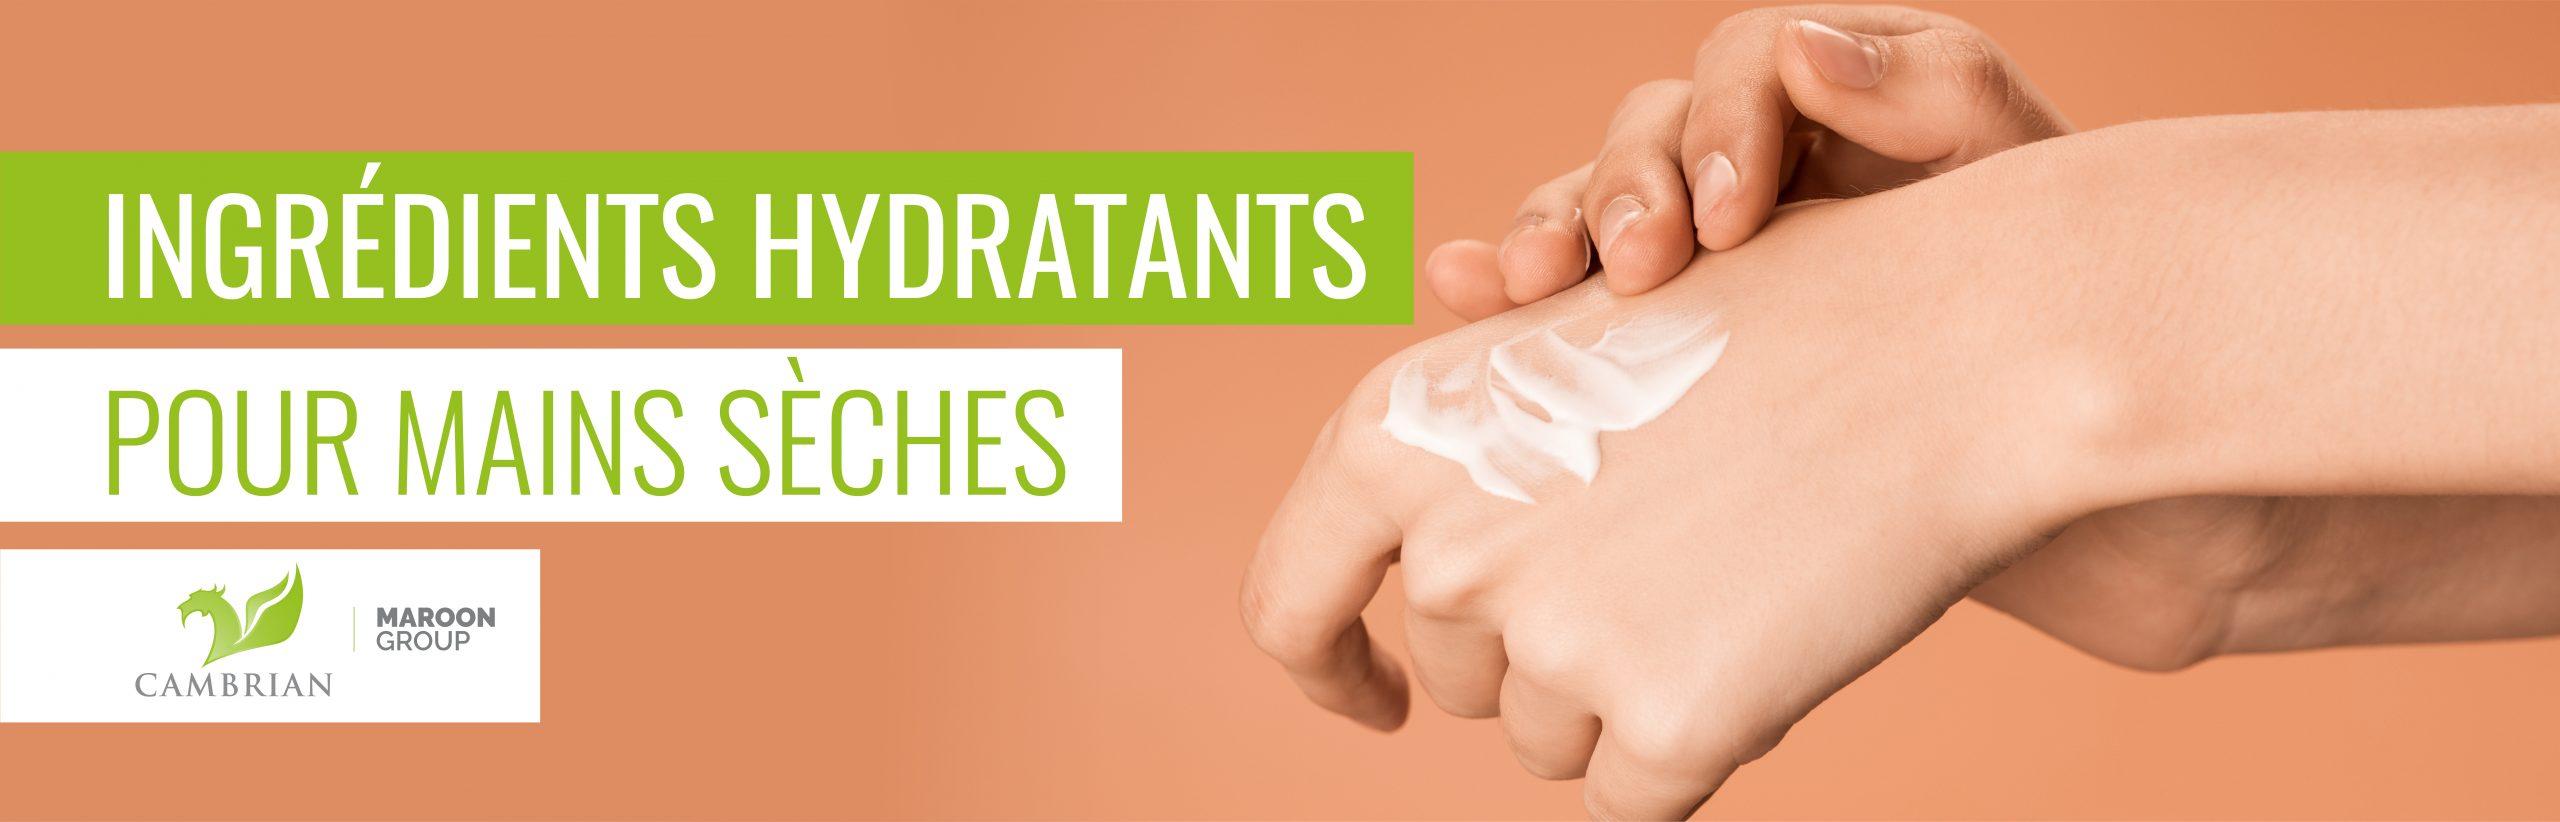 Ingrédients Hydratants pour Mains Sèches